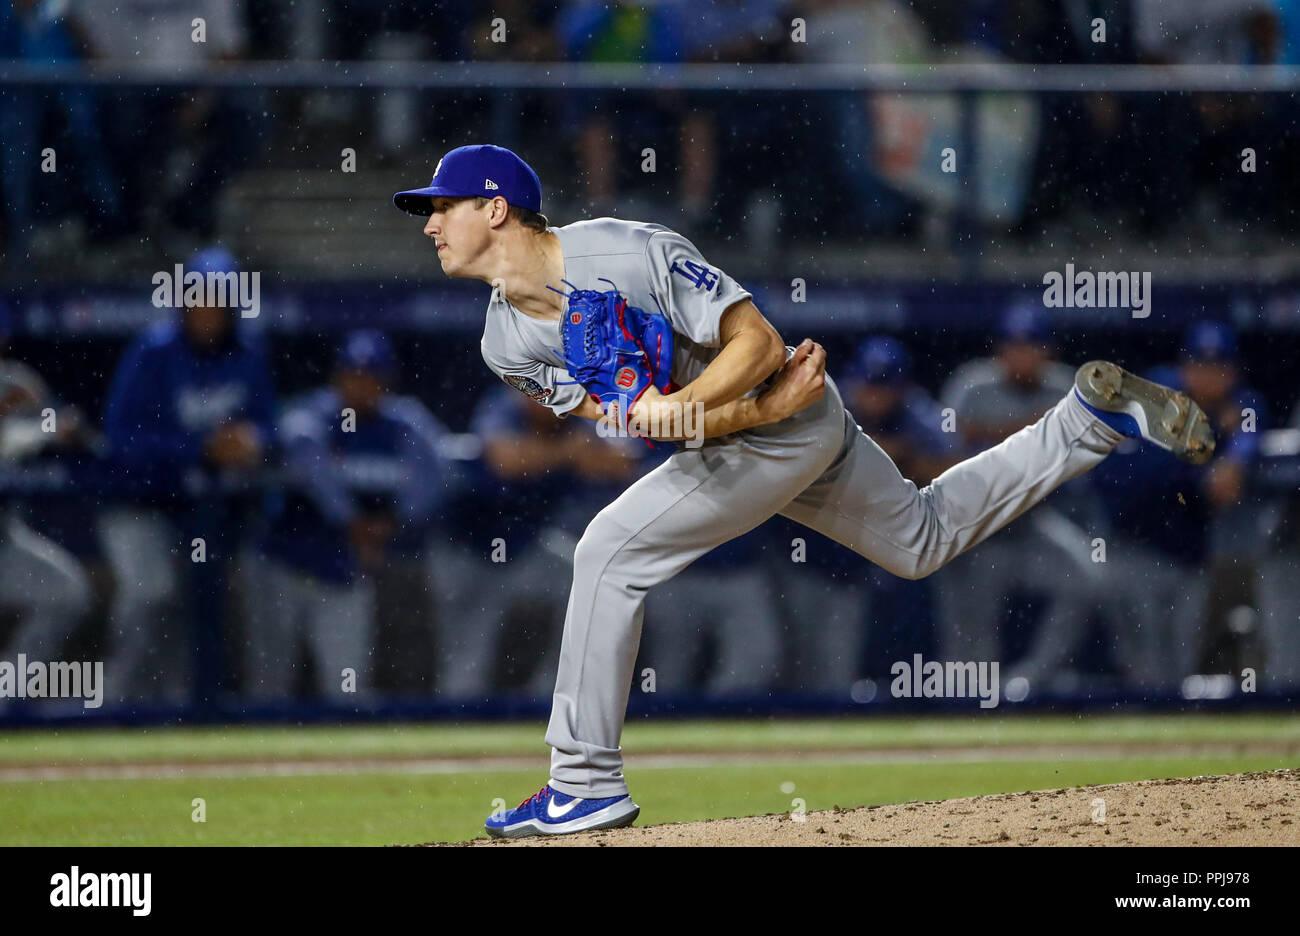 Walker Buehler pitcher inicial de dodgers, durante el partido de beisbol de los Dodgers de Los Angeles contra Padres de San Diego, durante el primer j - Stock Image